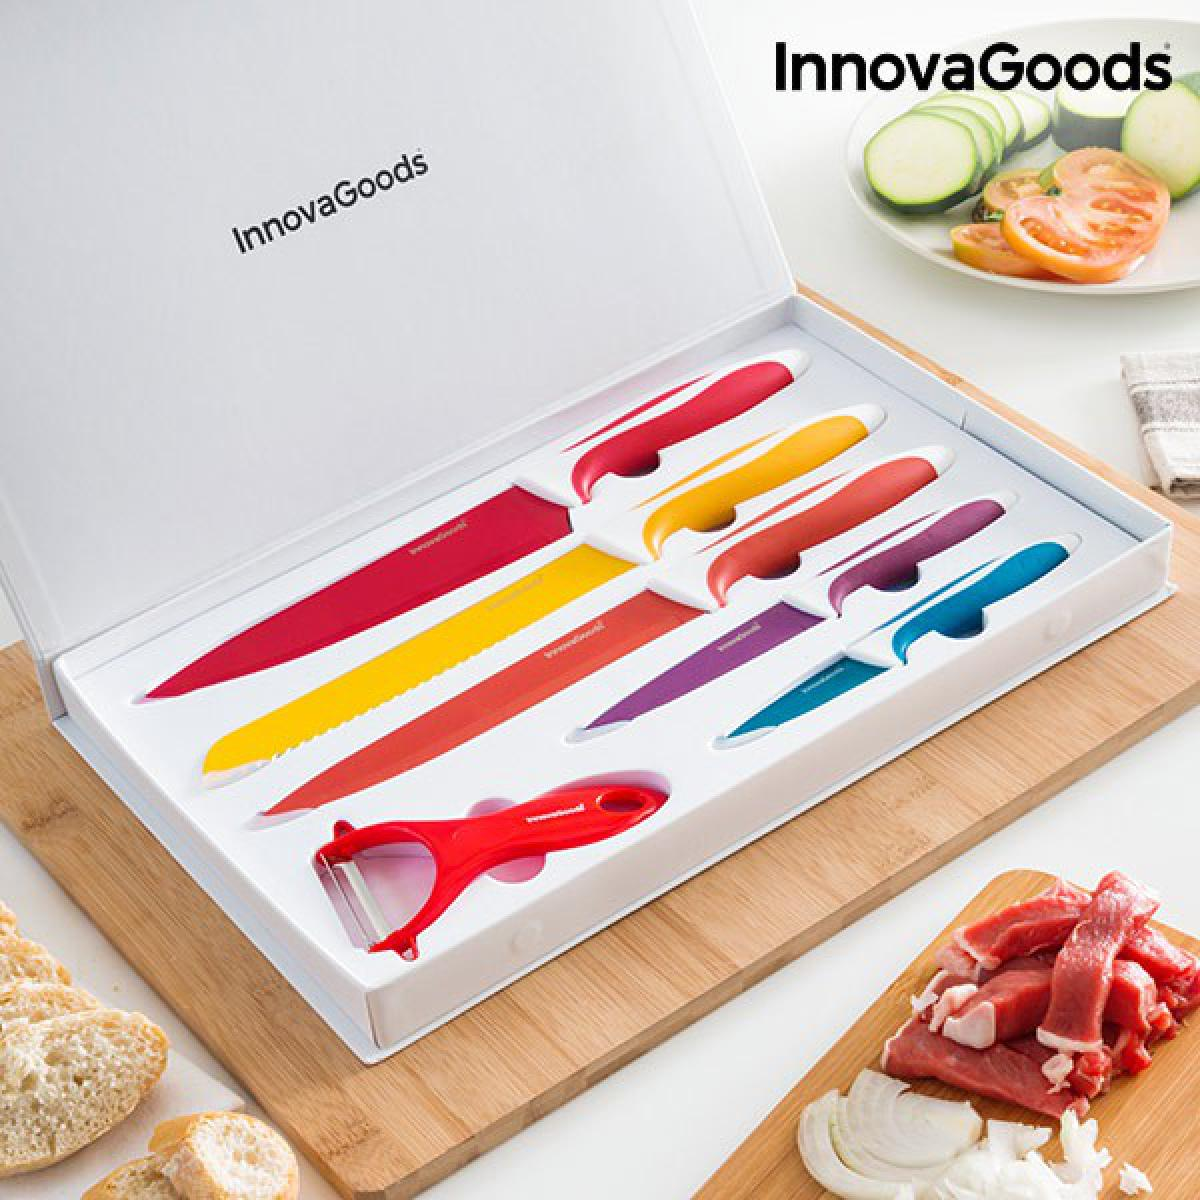 Totalcadeau Ensemble de couteaux et éplucheur en acier inoxydable avec revêtement en céramique (6 pièces) - Kit Professionel couteau